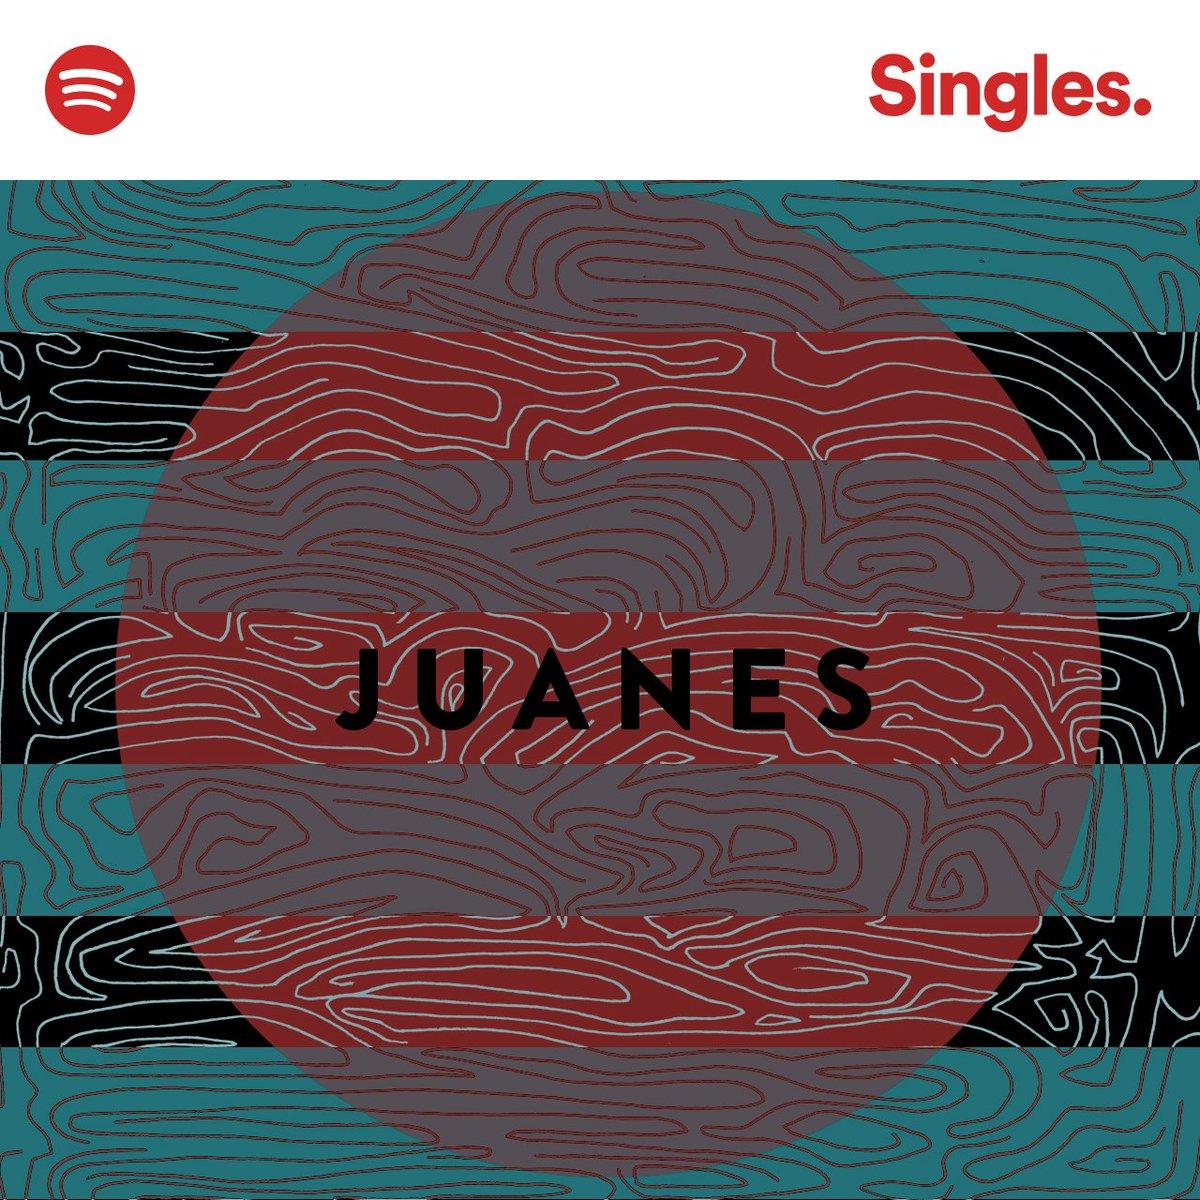 Ti singles